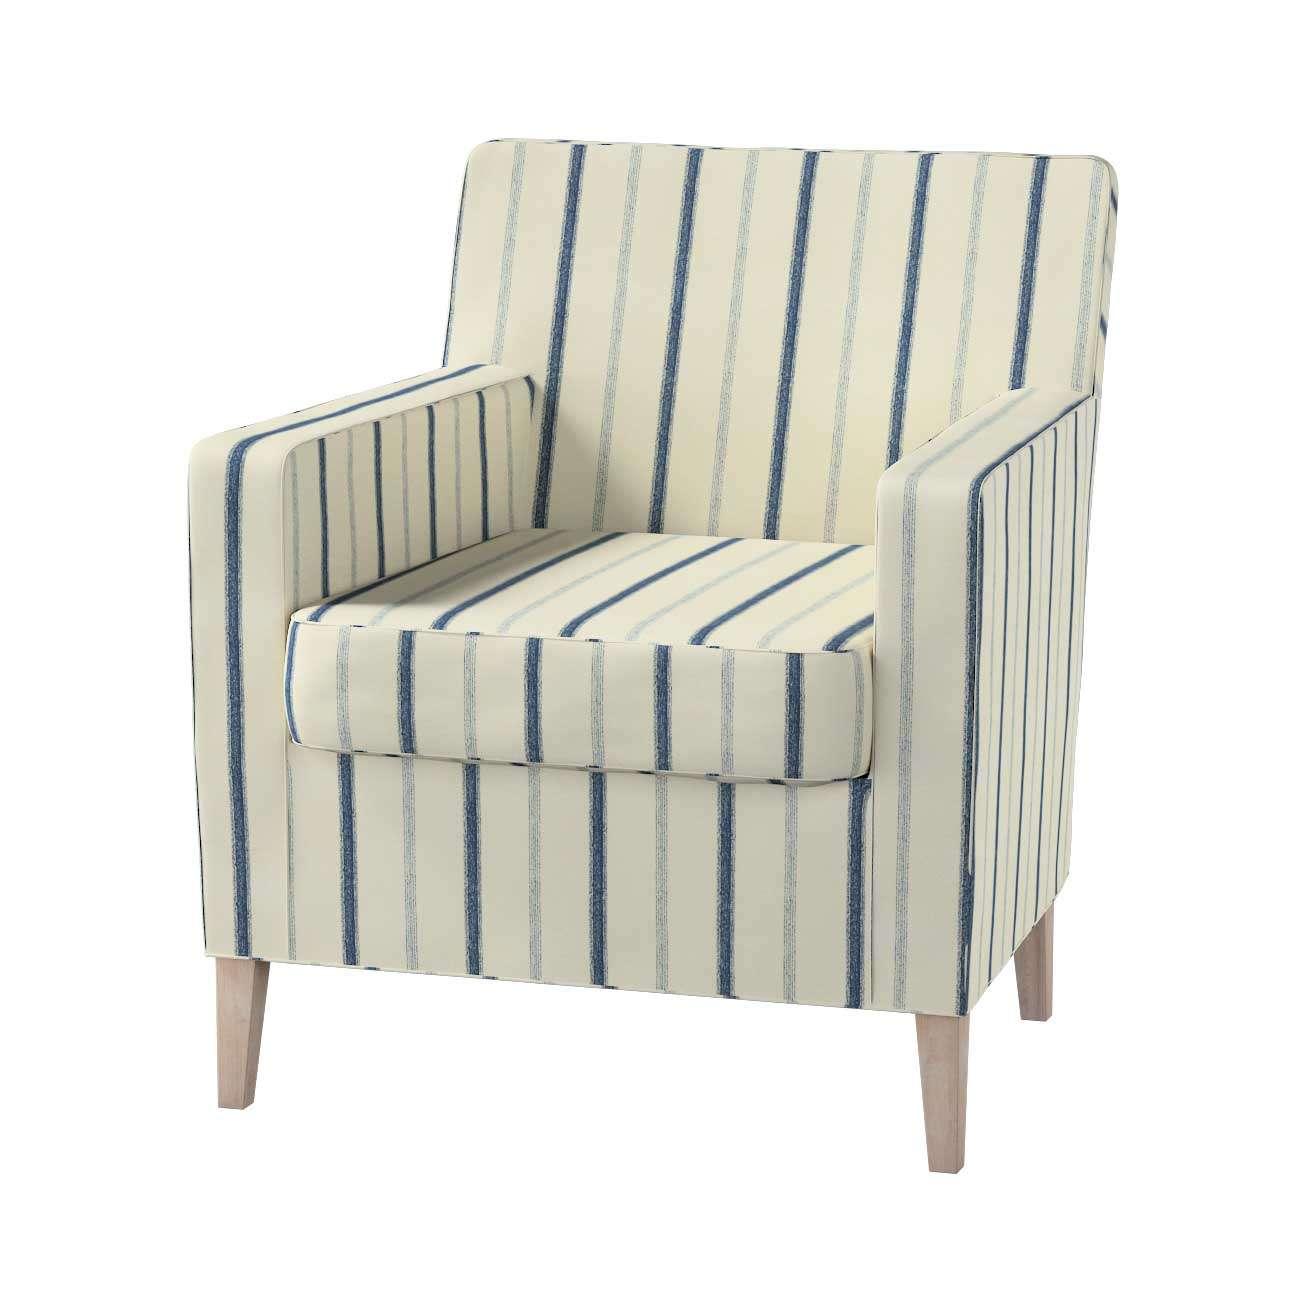 Karlstad fotelio-kėdės užvalkalas Karlstad fotelio - kėdės užvalkalas kolekcijoje Avinon, audinys: 129-66